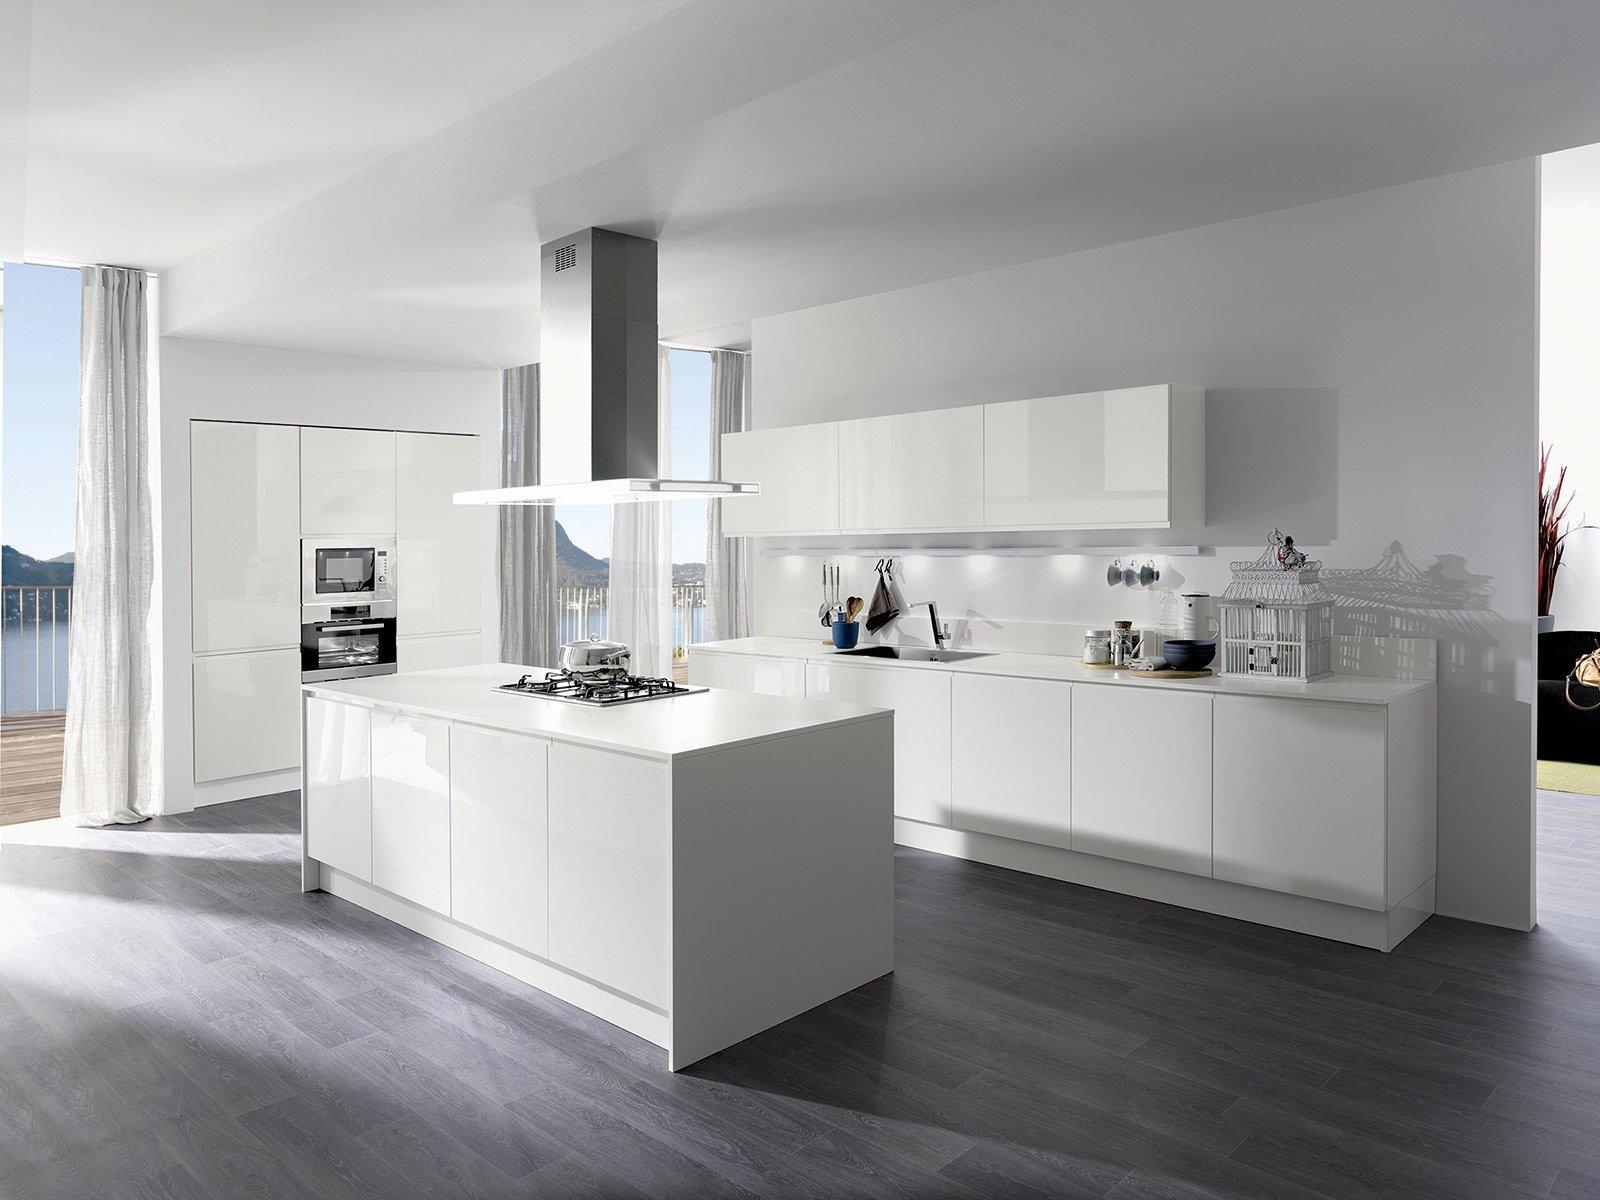 Cucina Moderna Bianca Laccata.Home Cucina Classica Lusso Imperial Bianco Argentojpg Arredo